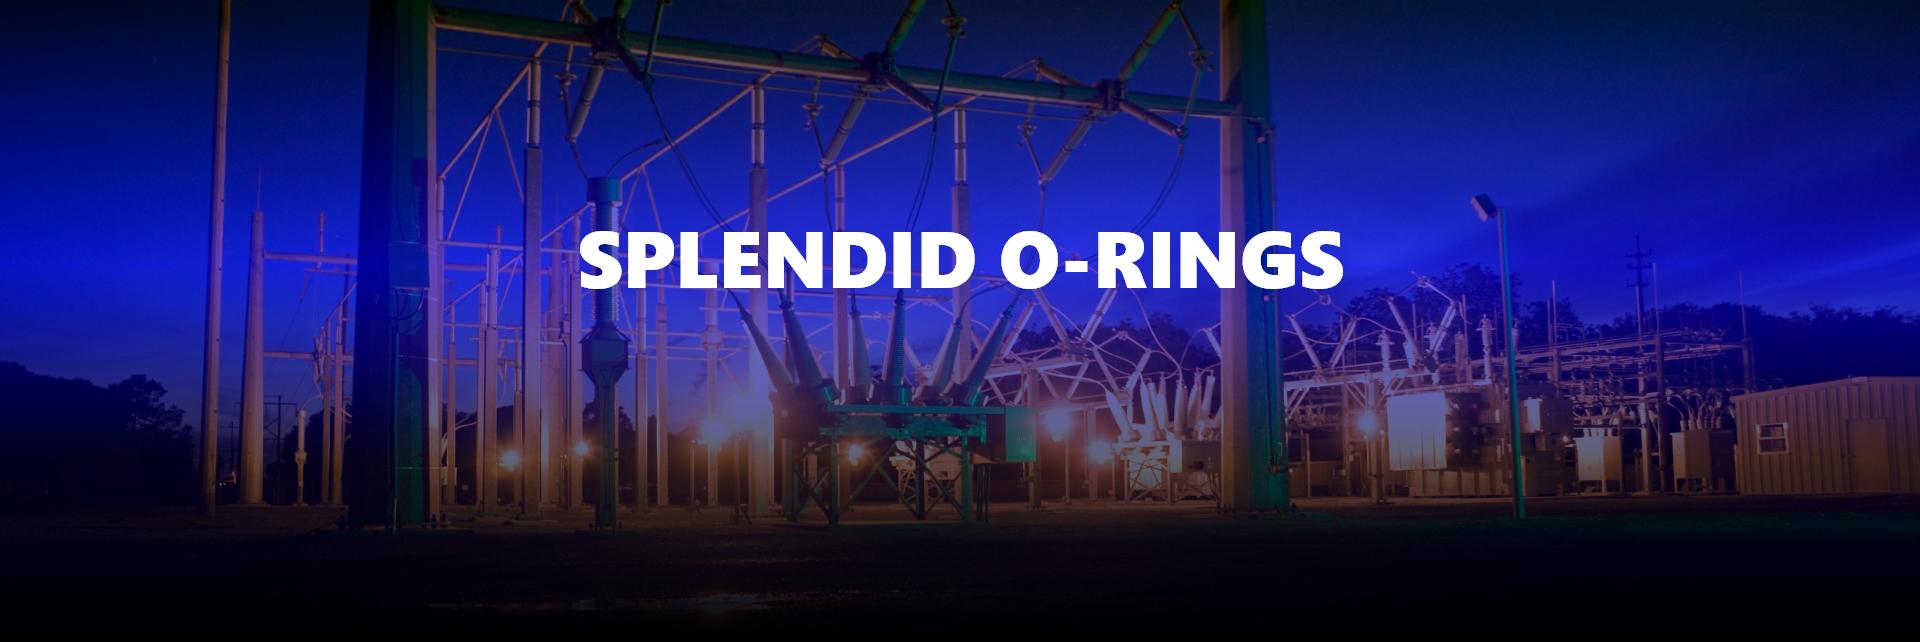 SPLENDID O-RINGS